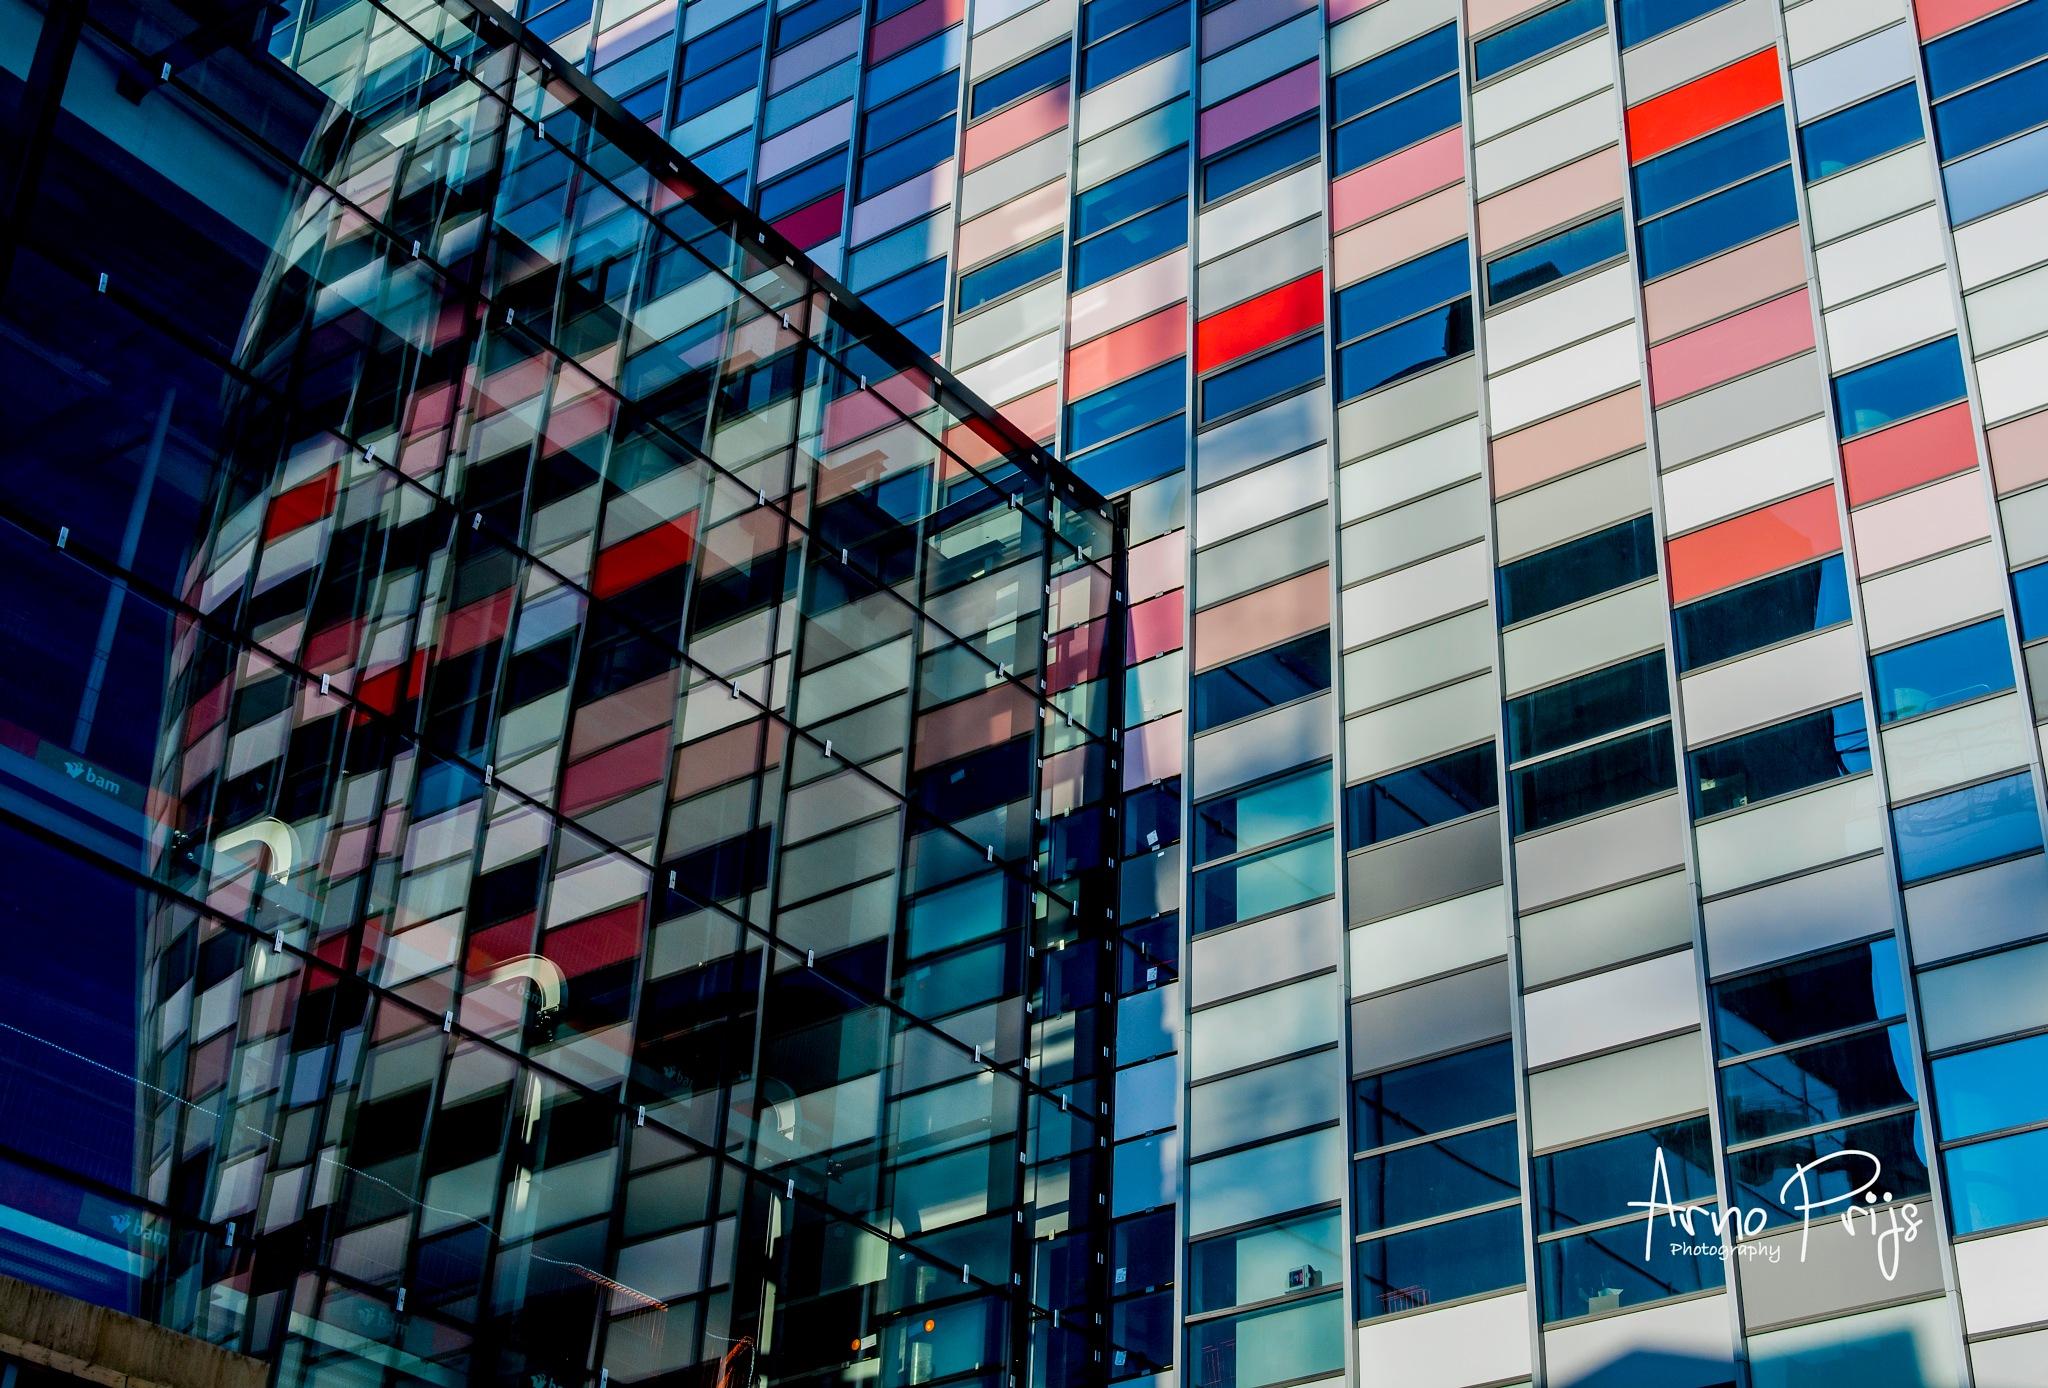 Reflectie 'Poortgebouw' Utrecht by Arno Prijs